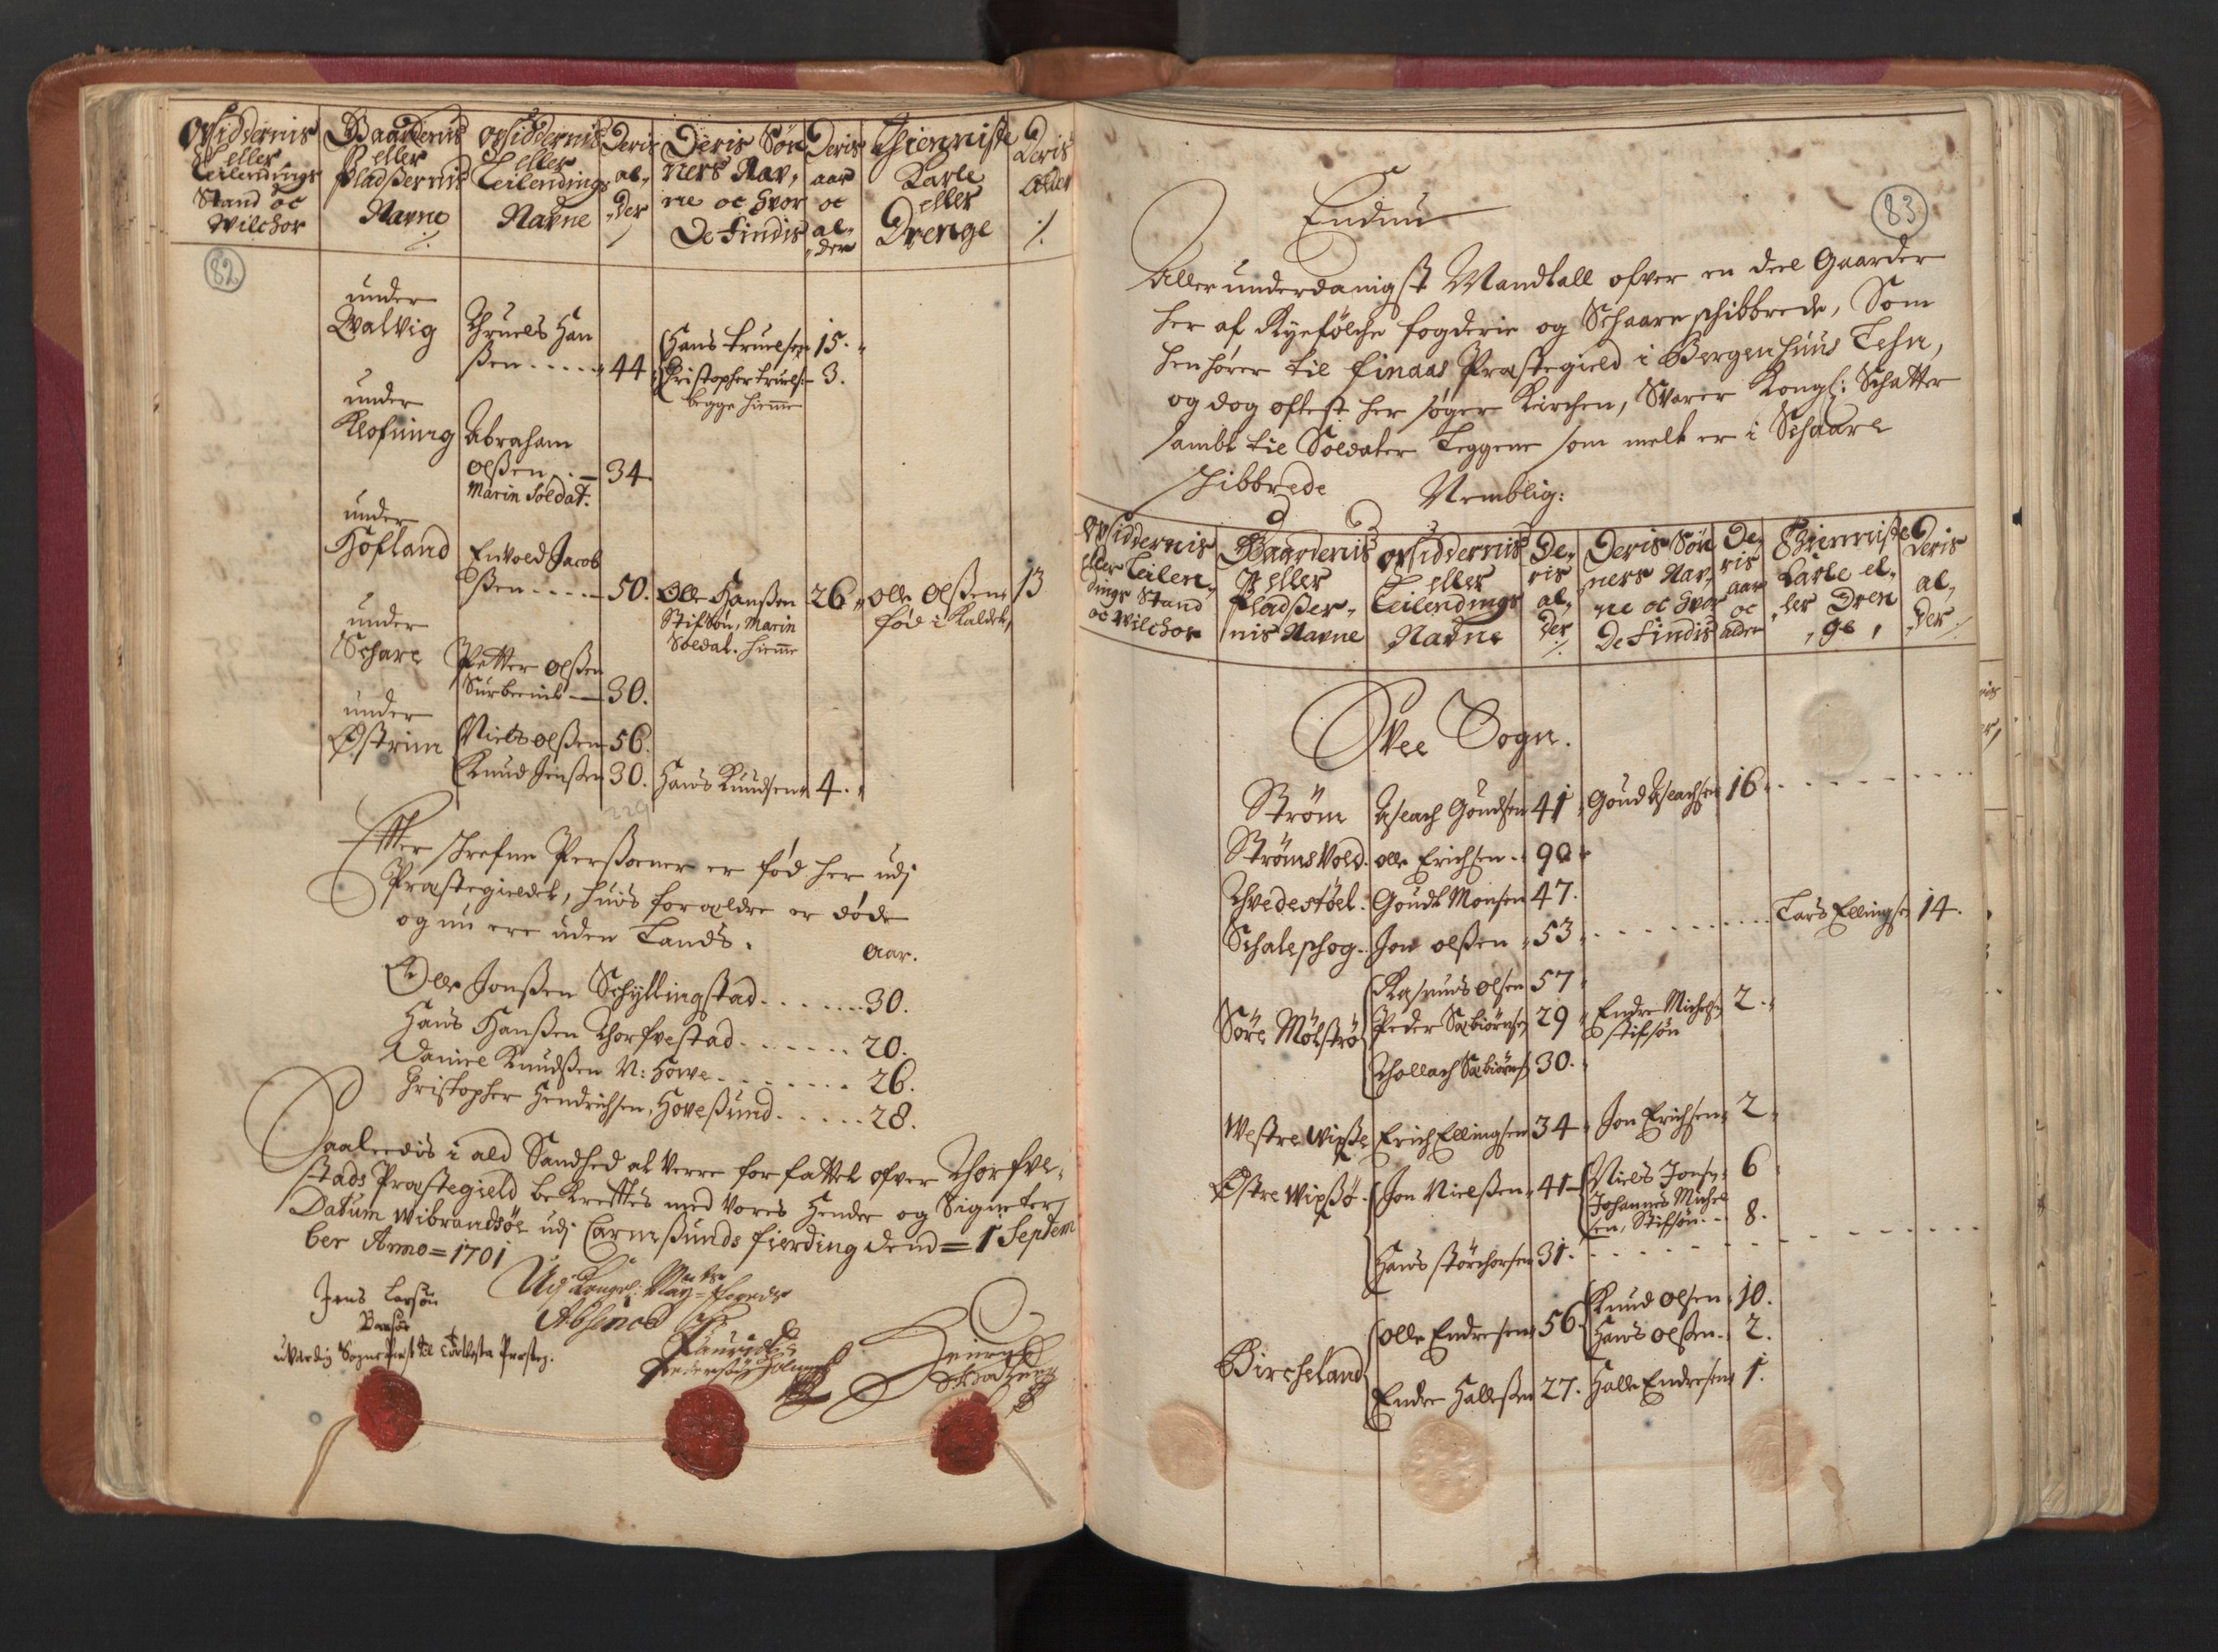 RA, Manntallet 1701, nr. 5: Ryfylke fogderi, 1701, s. 82-83